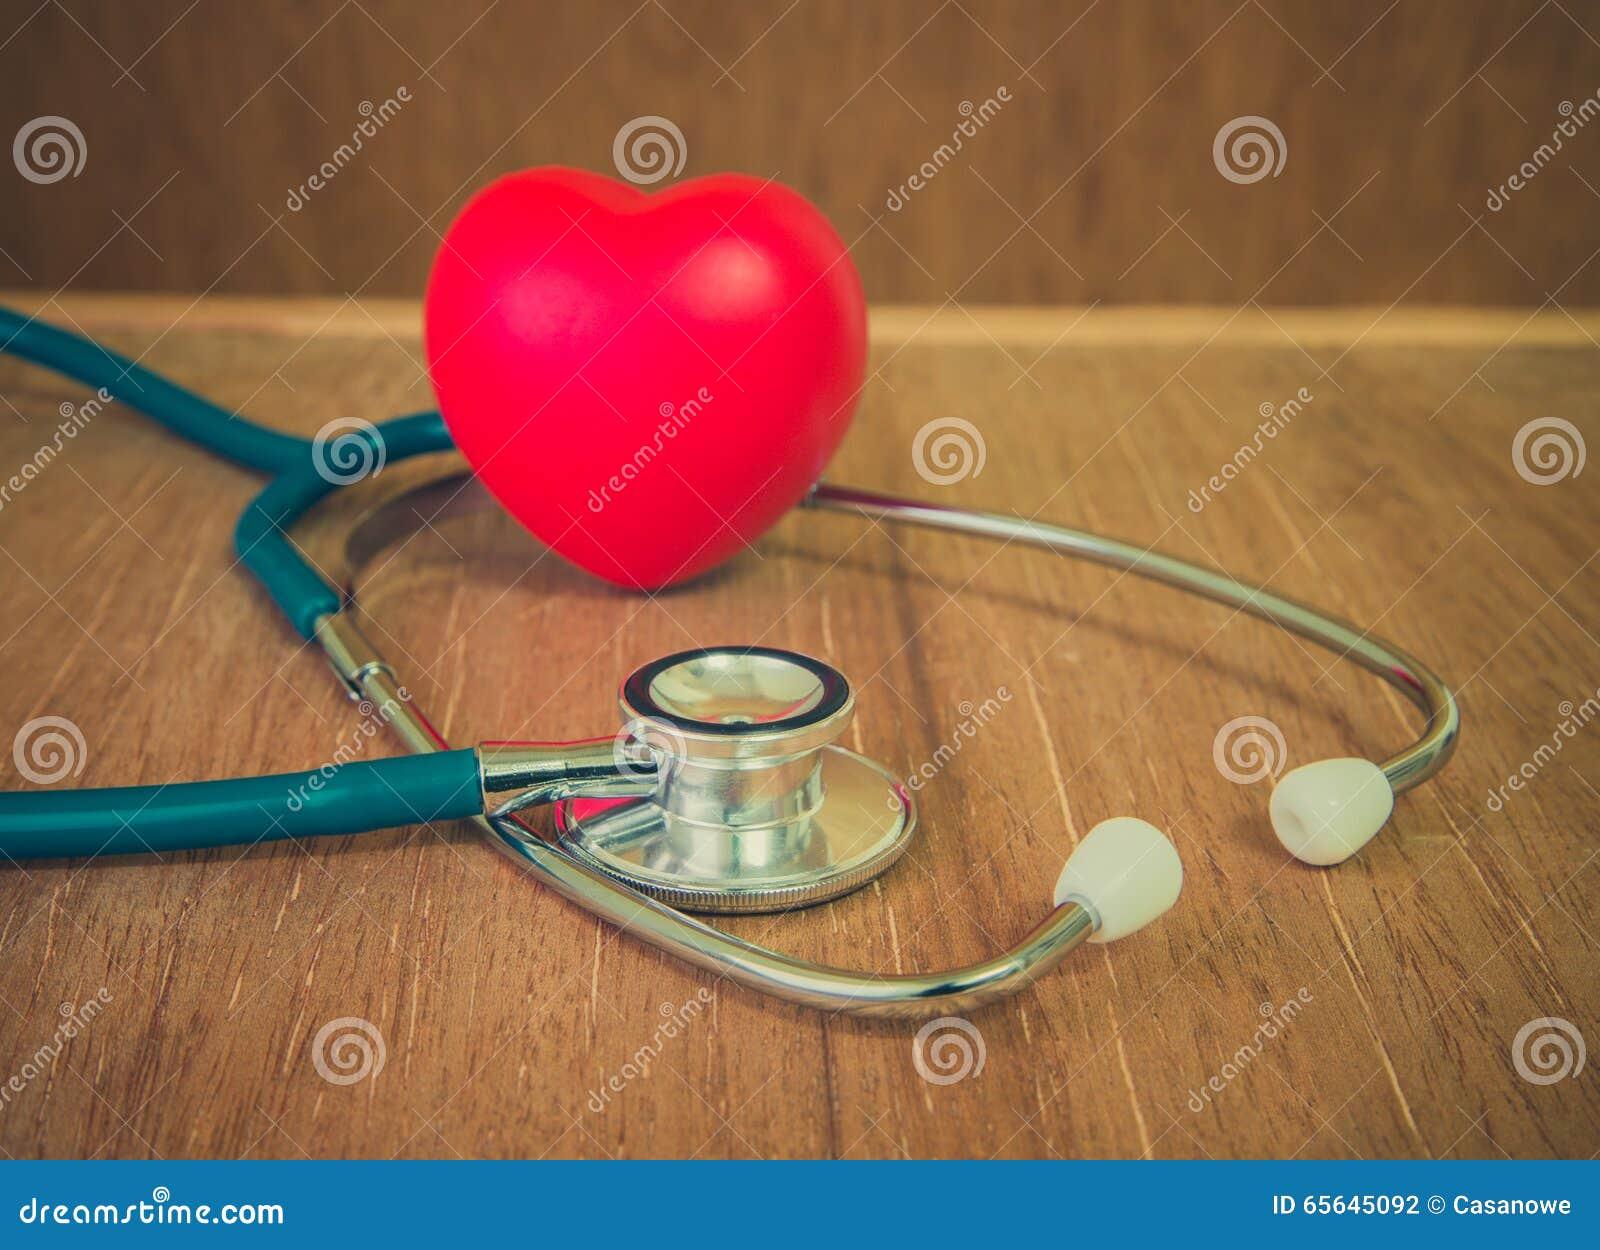 Coeur et stéthoscope rouges sur le fond en bois